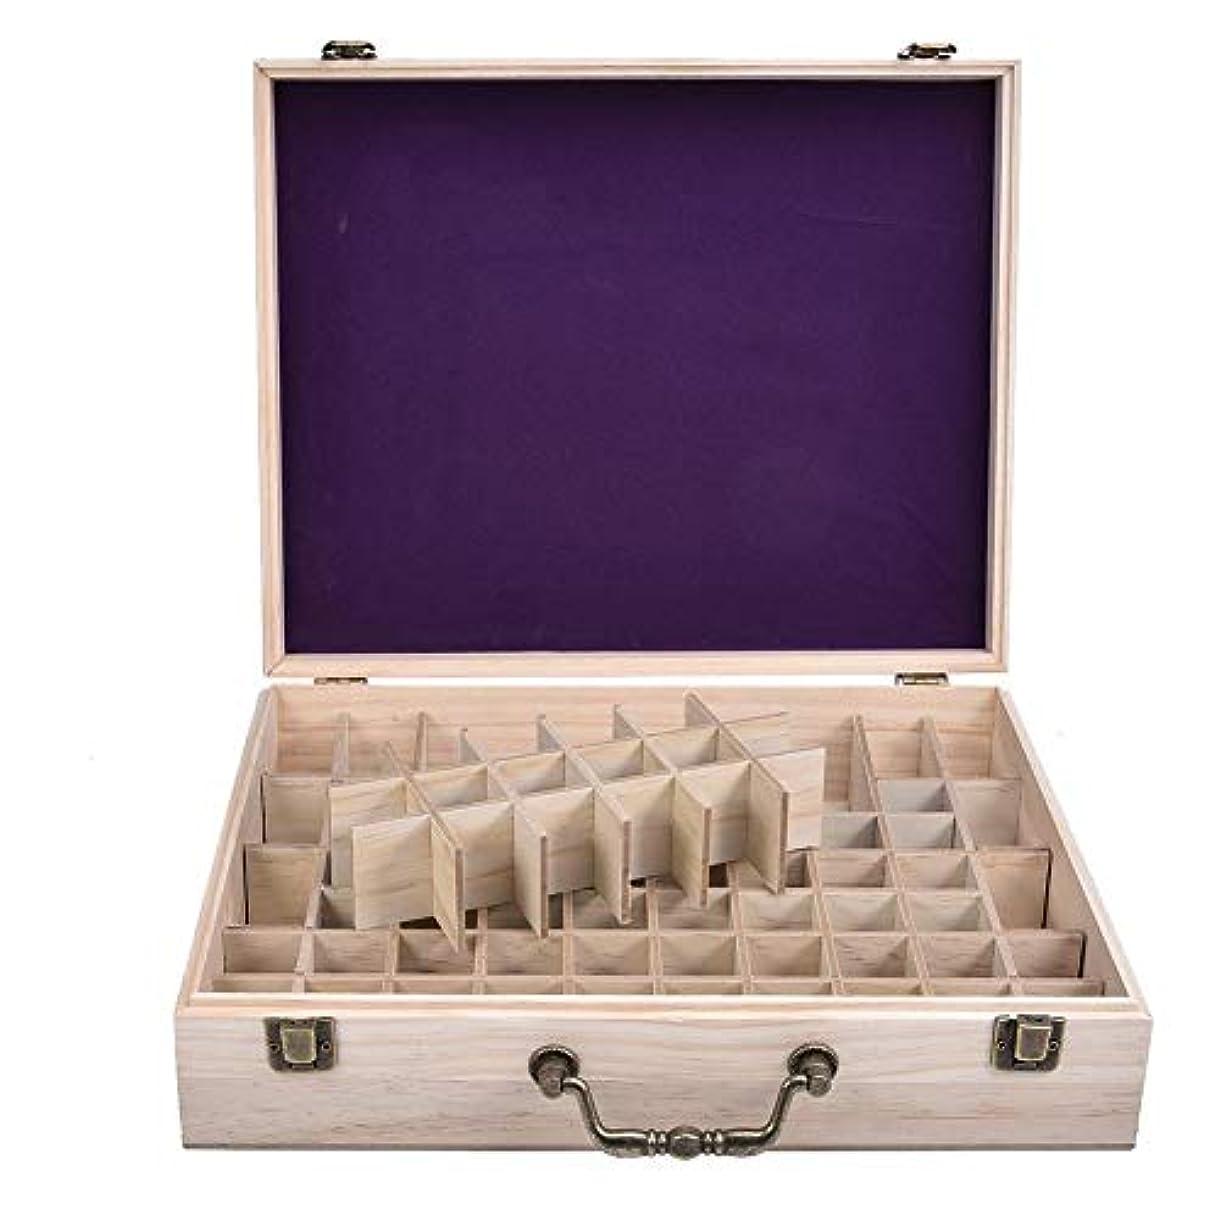 一定エステート始まりエッセンシャルオイル収納ケース 精油収納ボックス 木製 72本収納可能 大容量 取り外し可能なグリッド 5ml?10ml?15ml?115mlの精油ボルトに対応 junexi